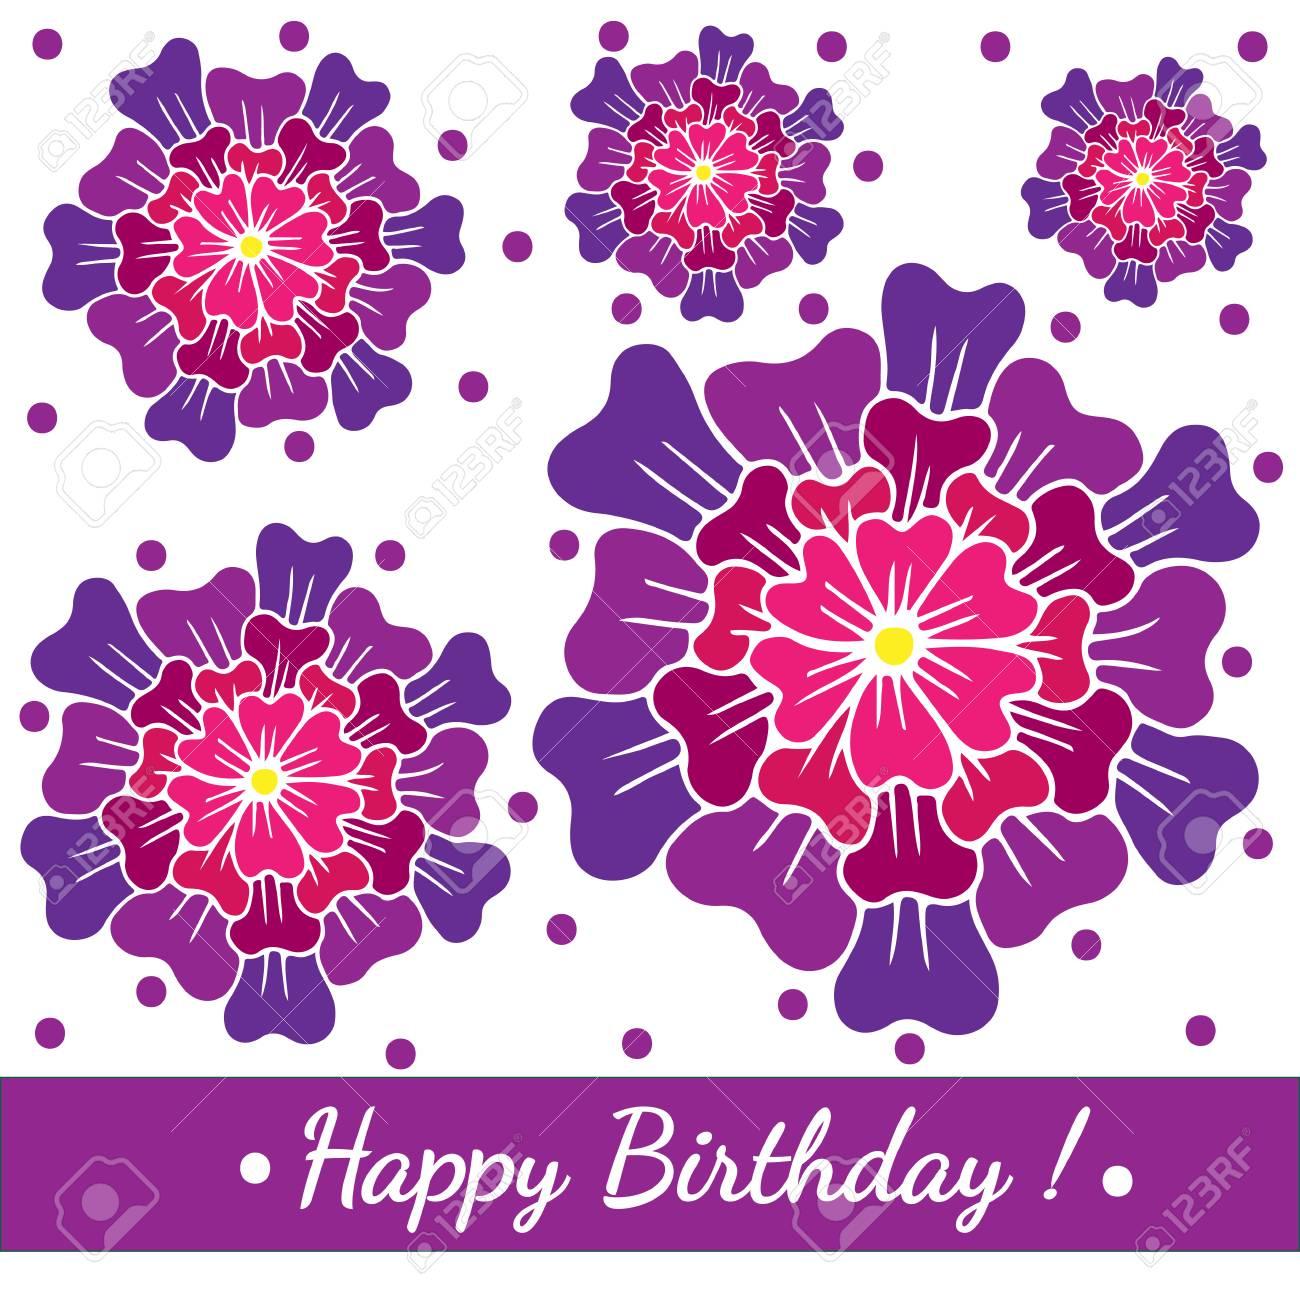 Cartolina D Auguri Del Modello Di Buon Compleanno Con Grande Fiore Rosa E Punti Viola Vector Birthday Card Stampabile Per Carta Invito Poster